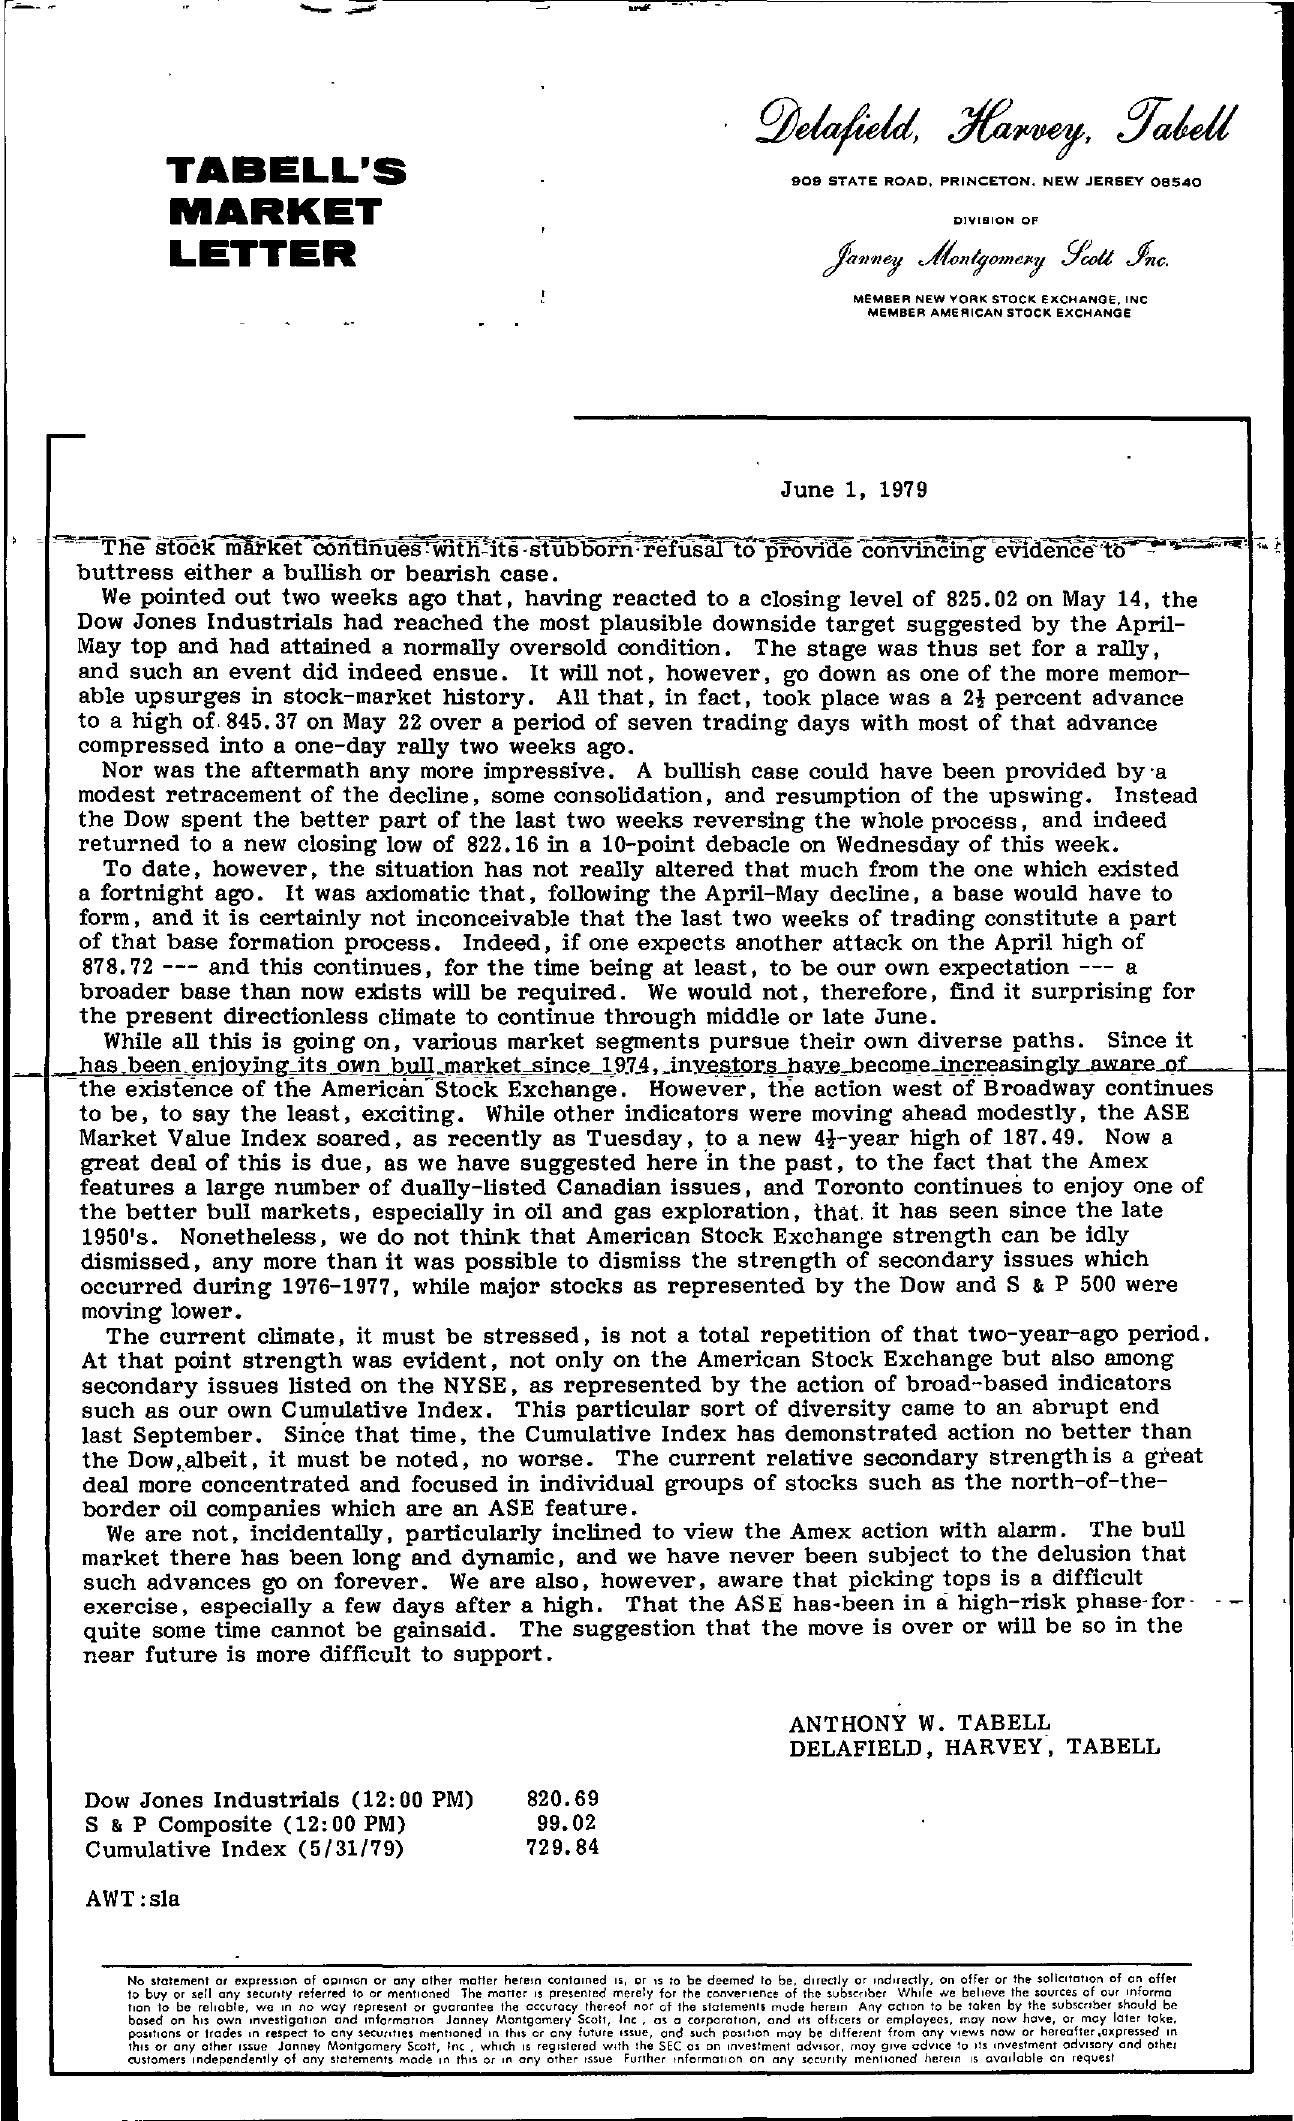 Tabell's Market Letter - June 01, 1979